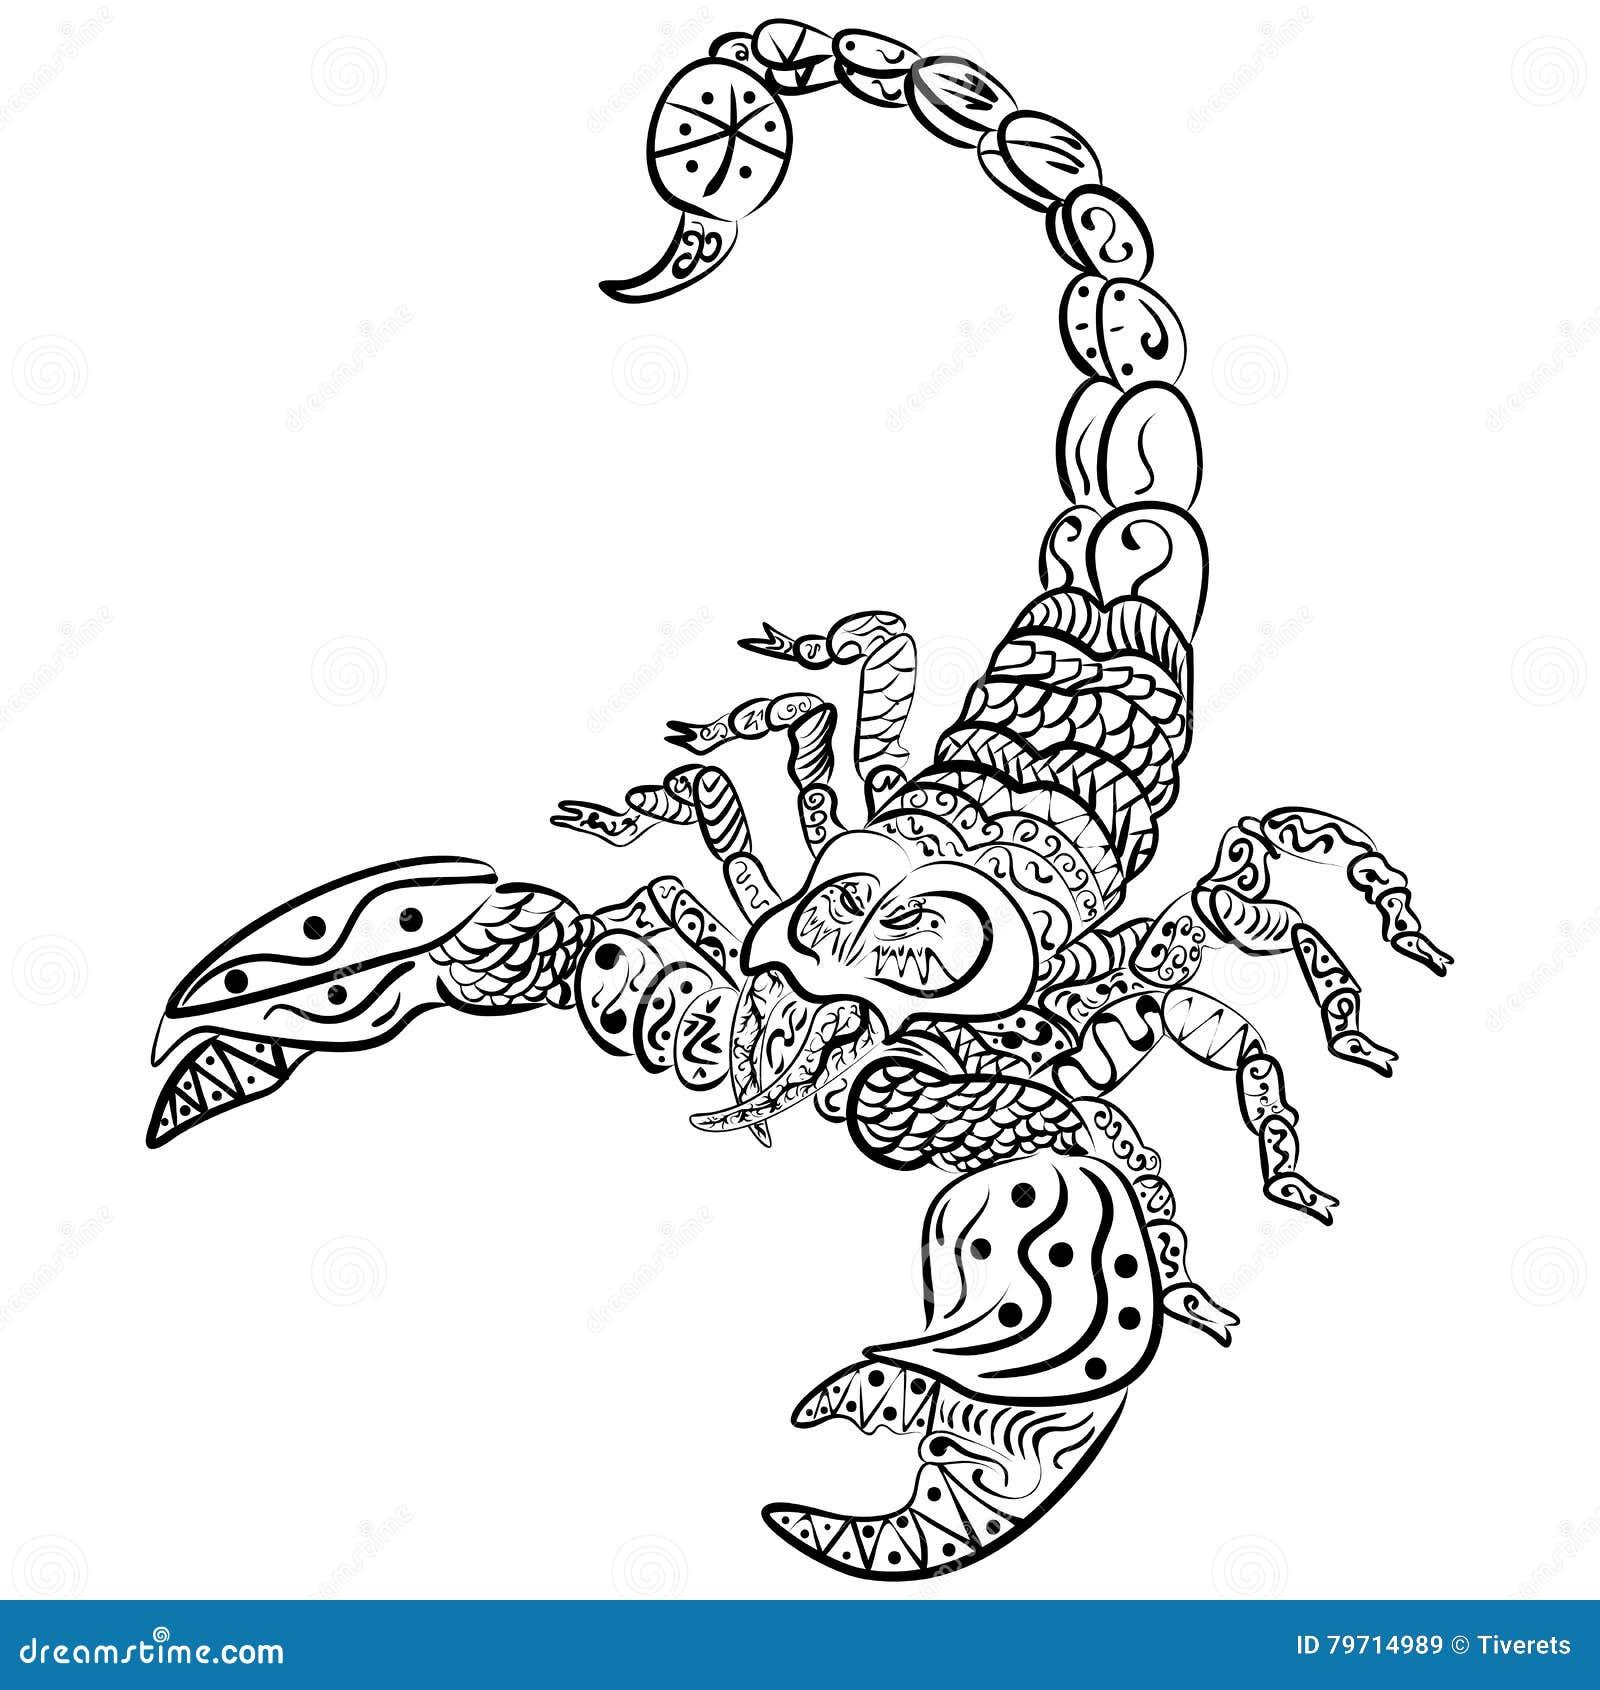 de schorpioen zentangle stileerde vector illustratie